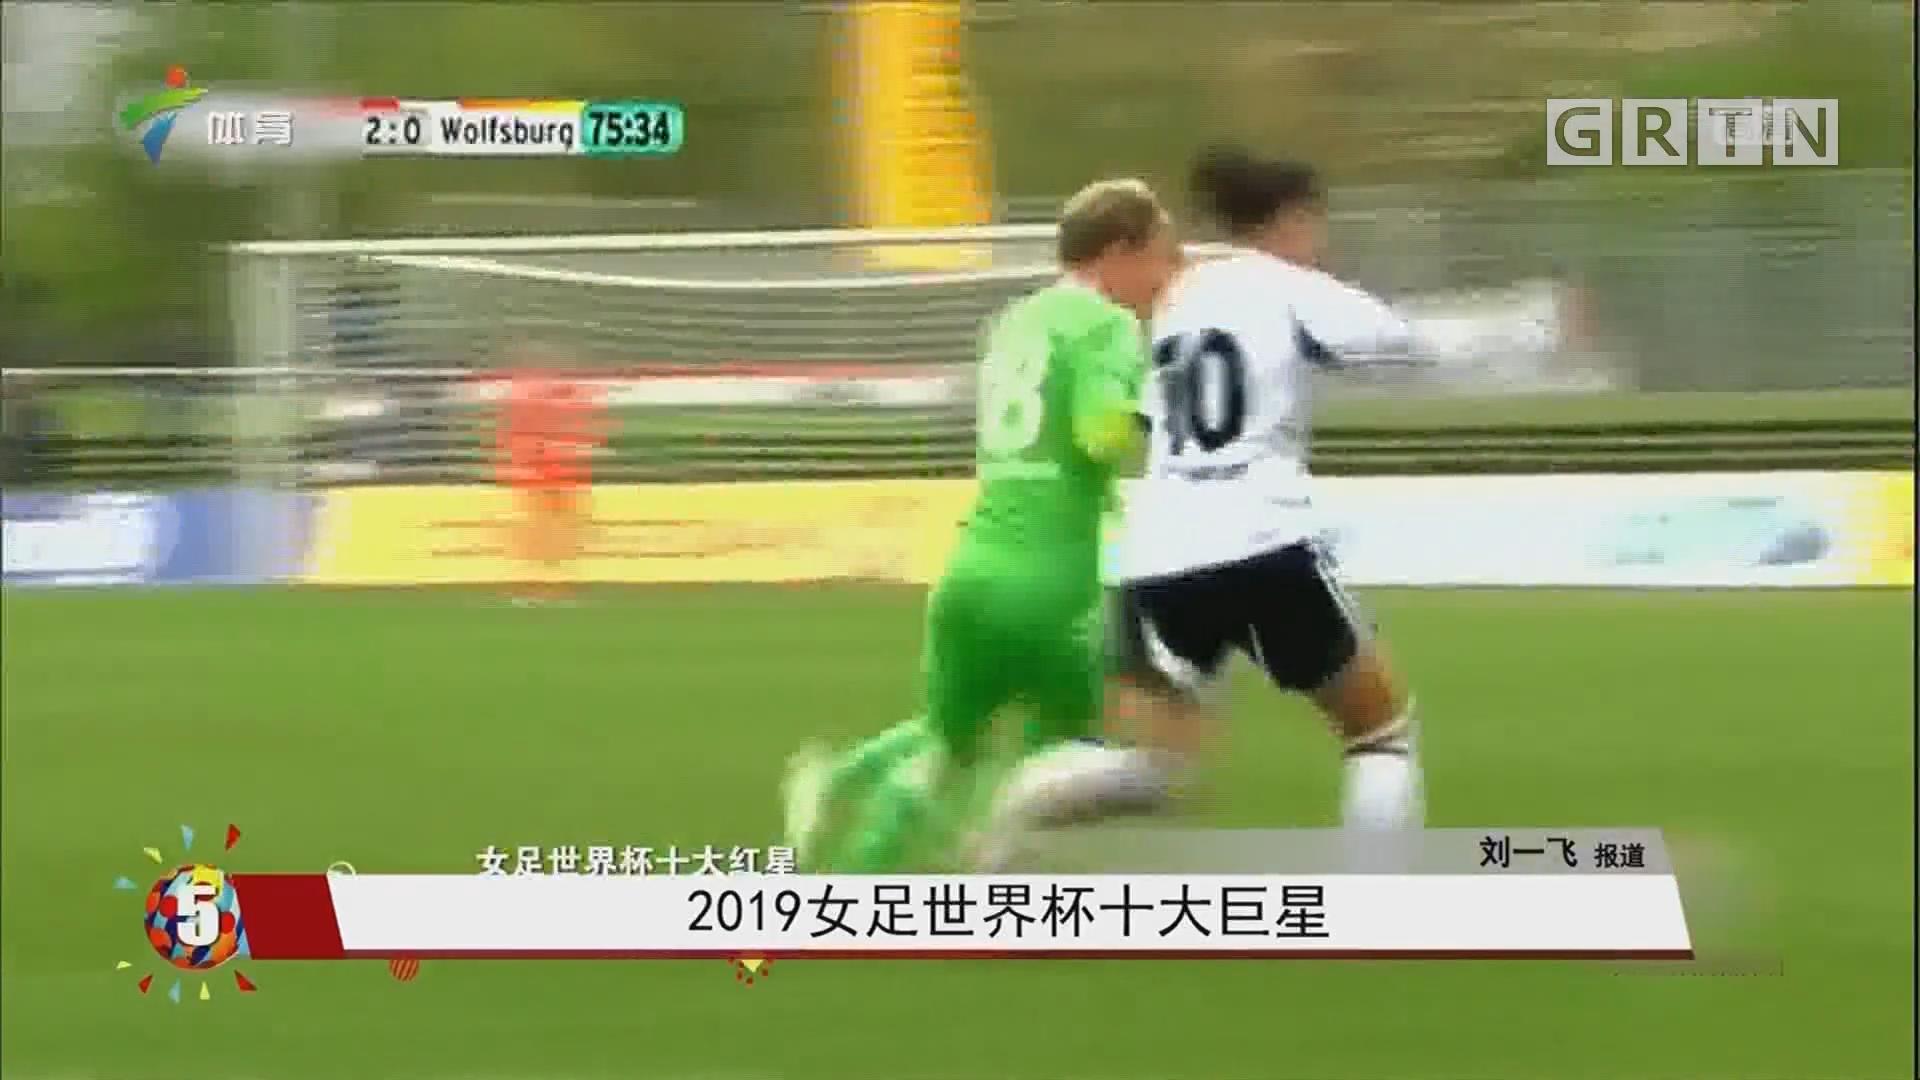 2019女足世界杯十大巨星